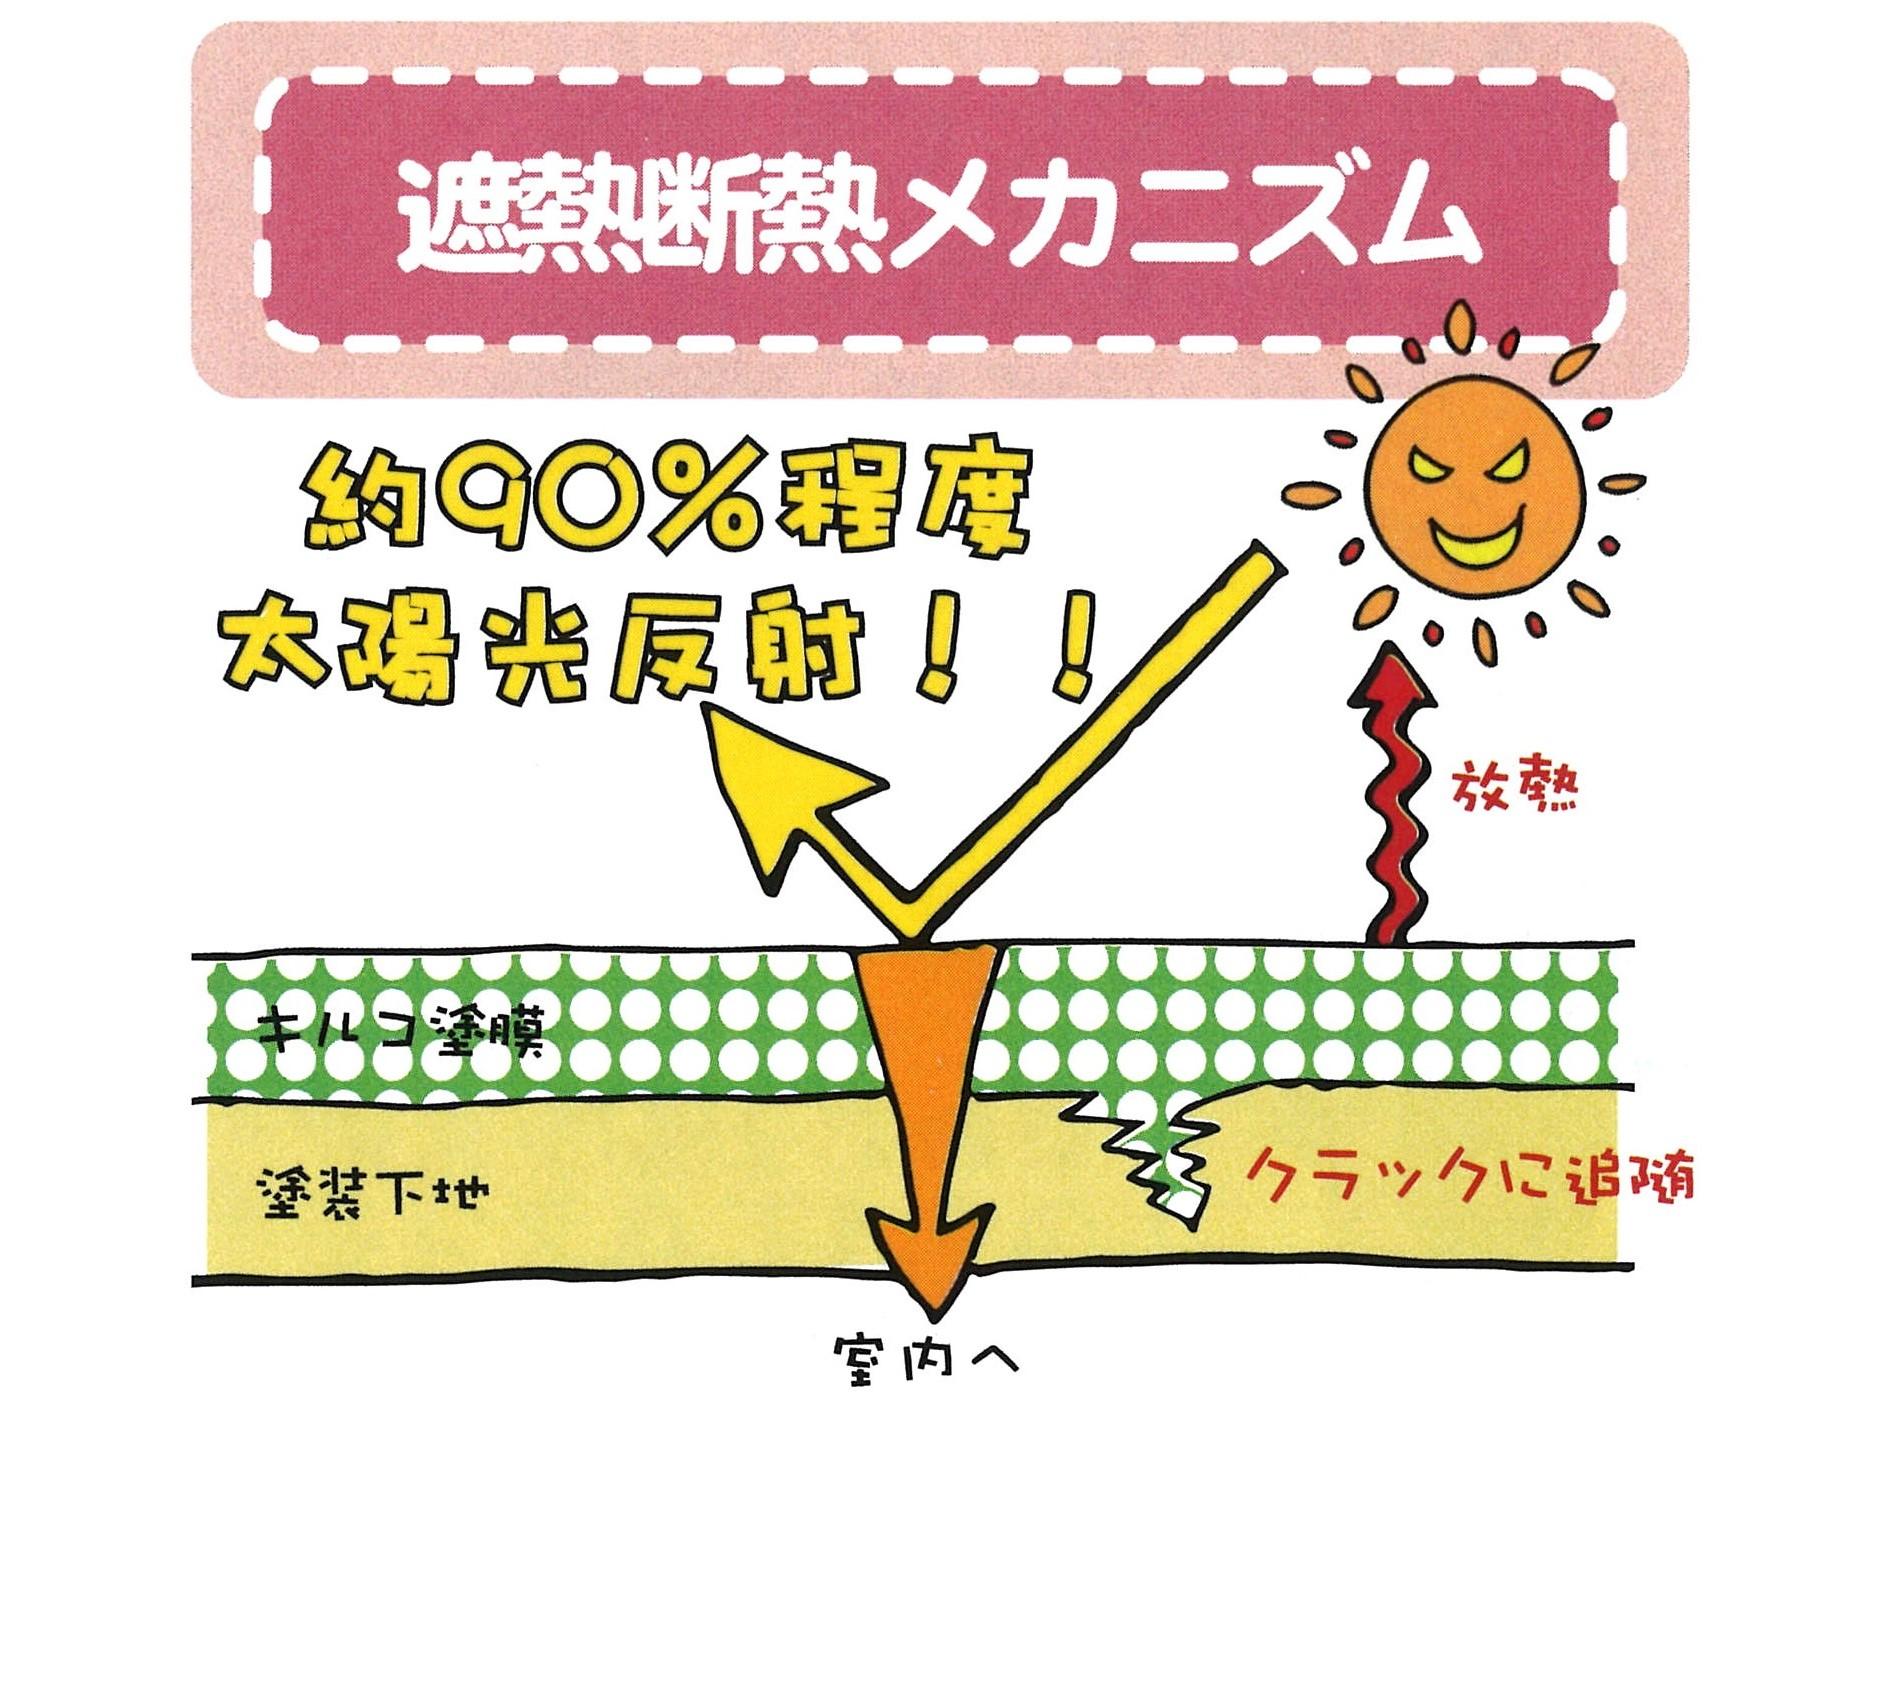 (株)シンマテリアルワン「キ・ル・コ」の遮熱断熱メカニズムのイラスト